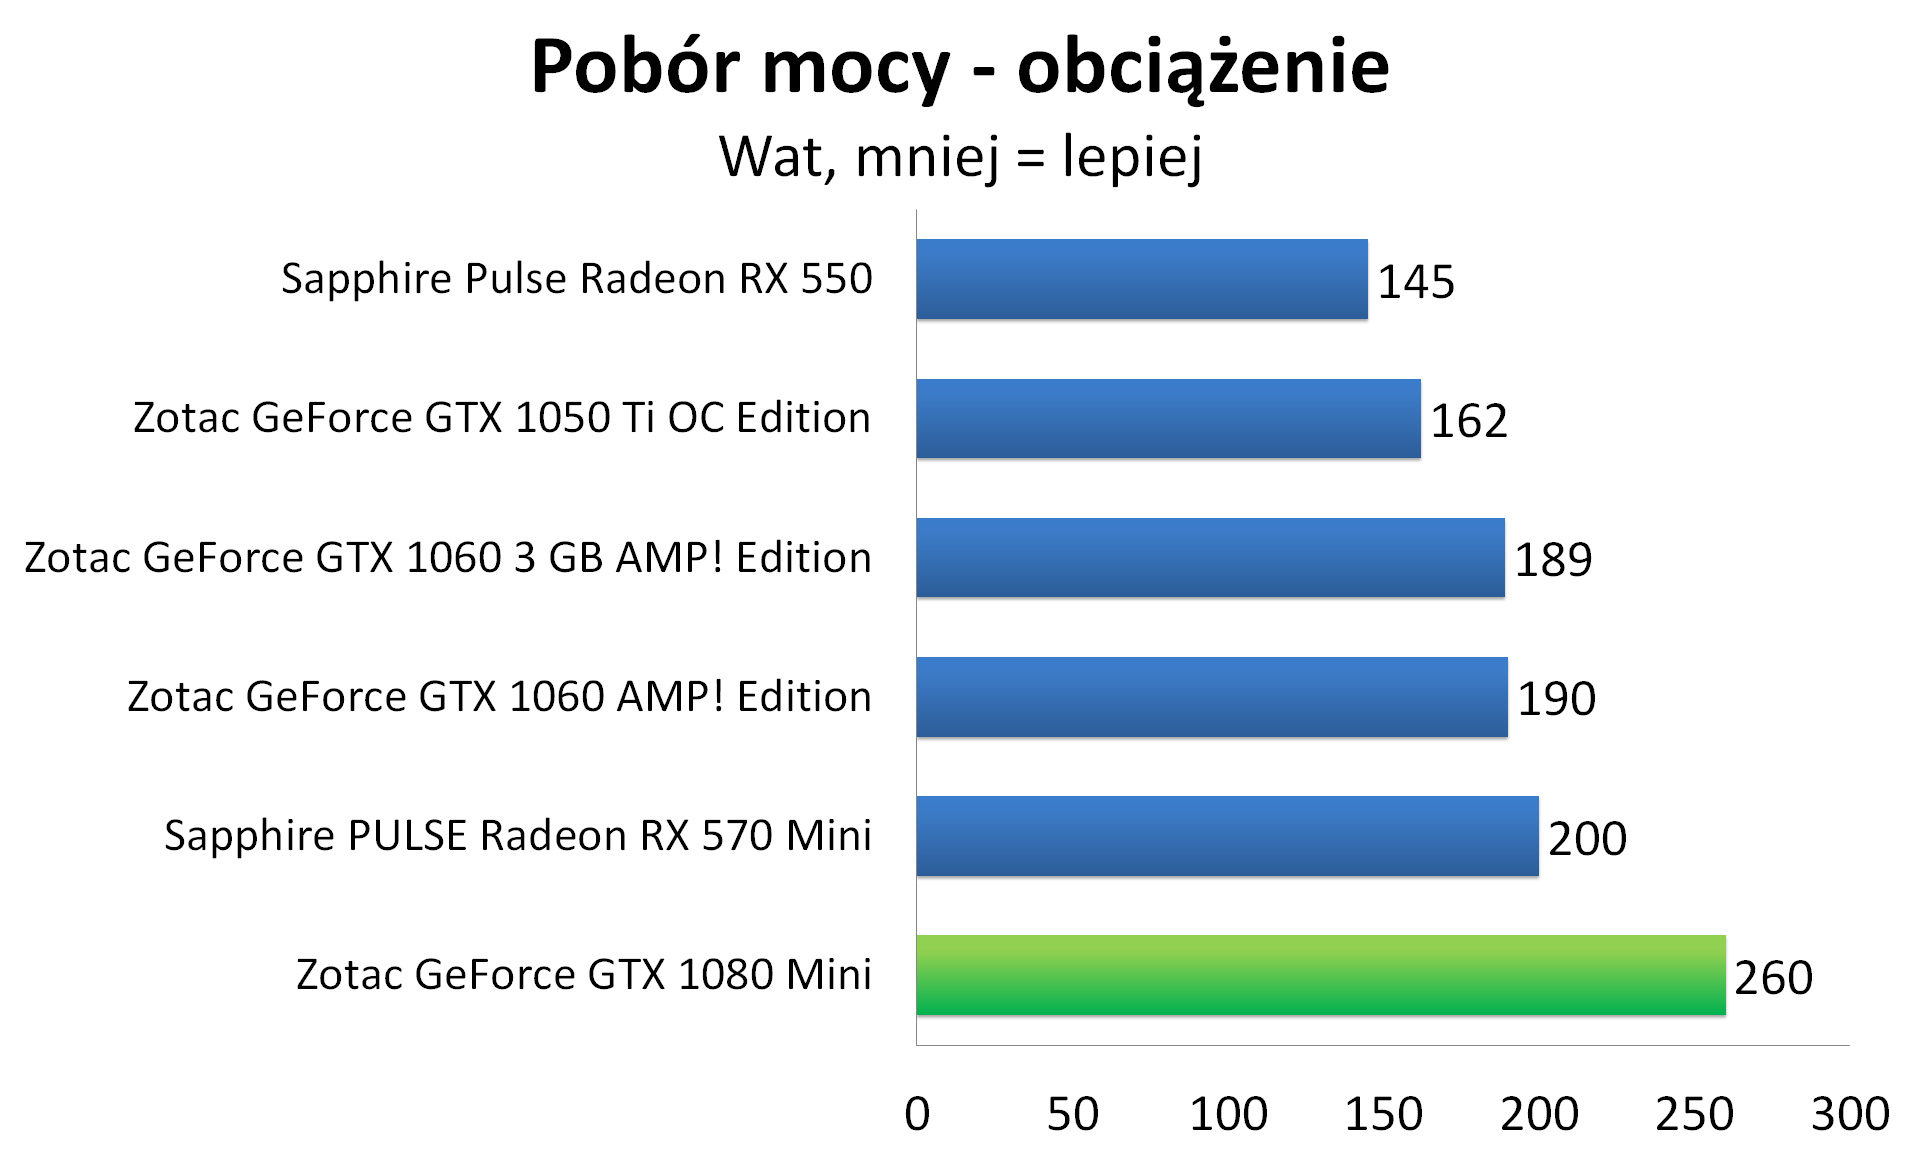 Zotac GeForce GTX 1080 Mini - Pobór mocy - obciążenie